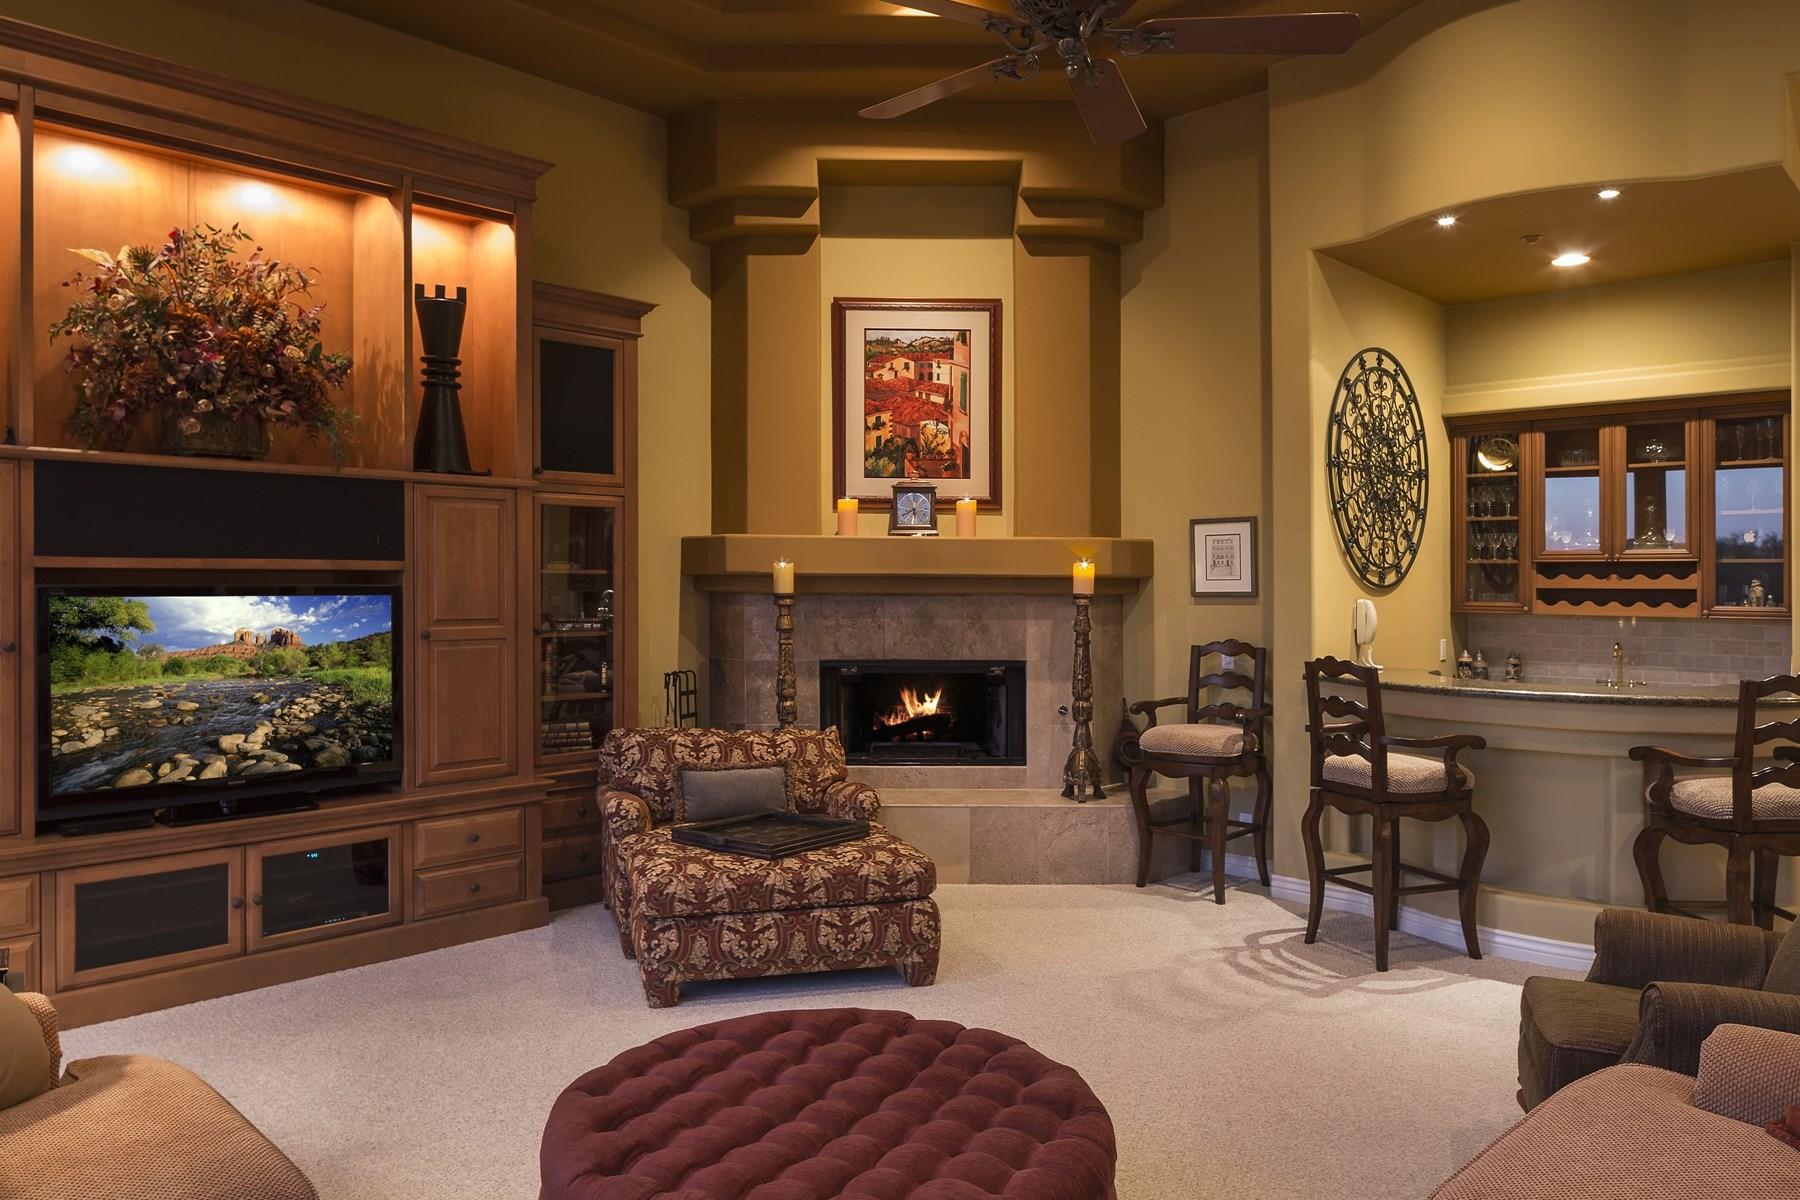 Maison unifamiliale pour l Vente à Elegant Updated Custom Home Situated on a Prime 1.5 Acre Cul-de-Sac Lot 9321 E Via Del Sol Drive Scottsdale, Arizona, 85255 États-Unis